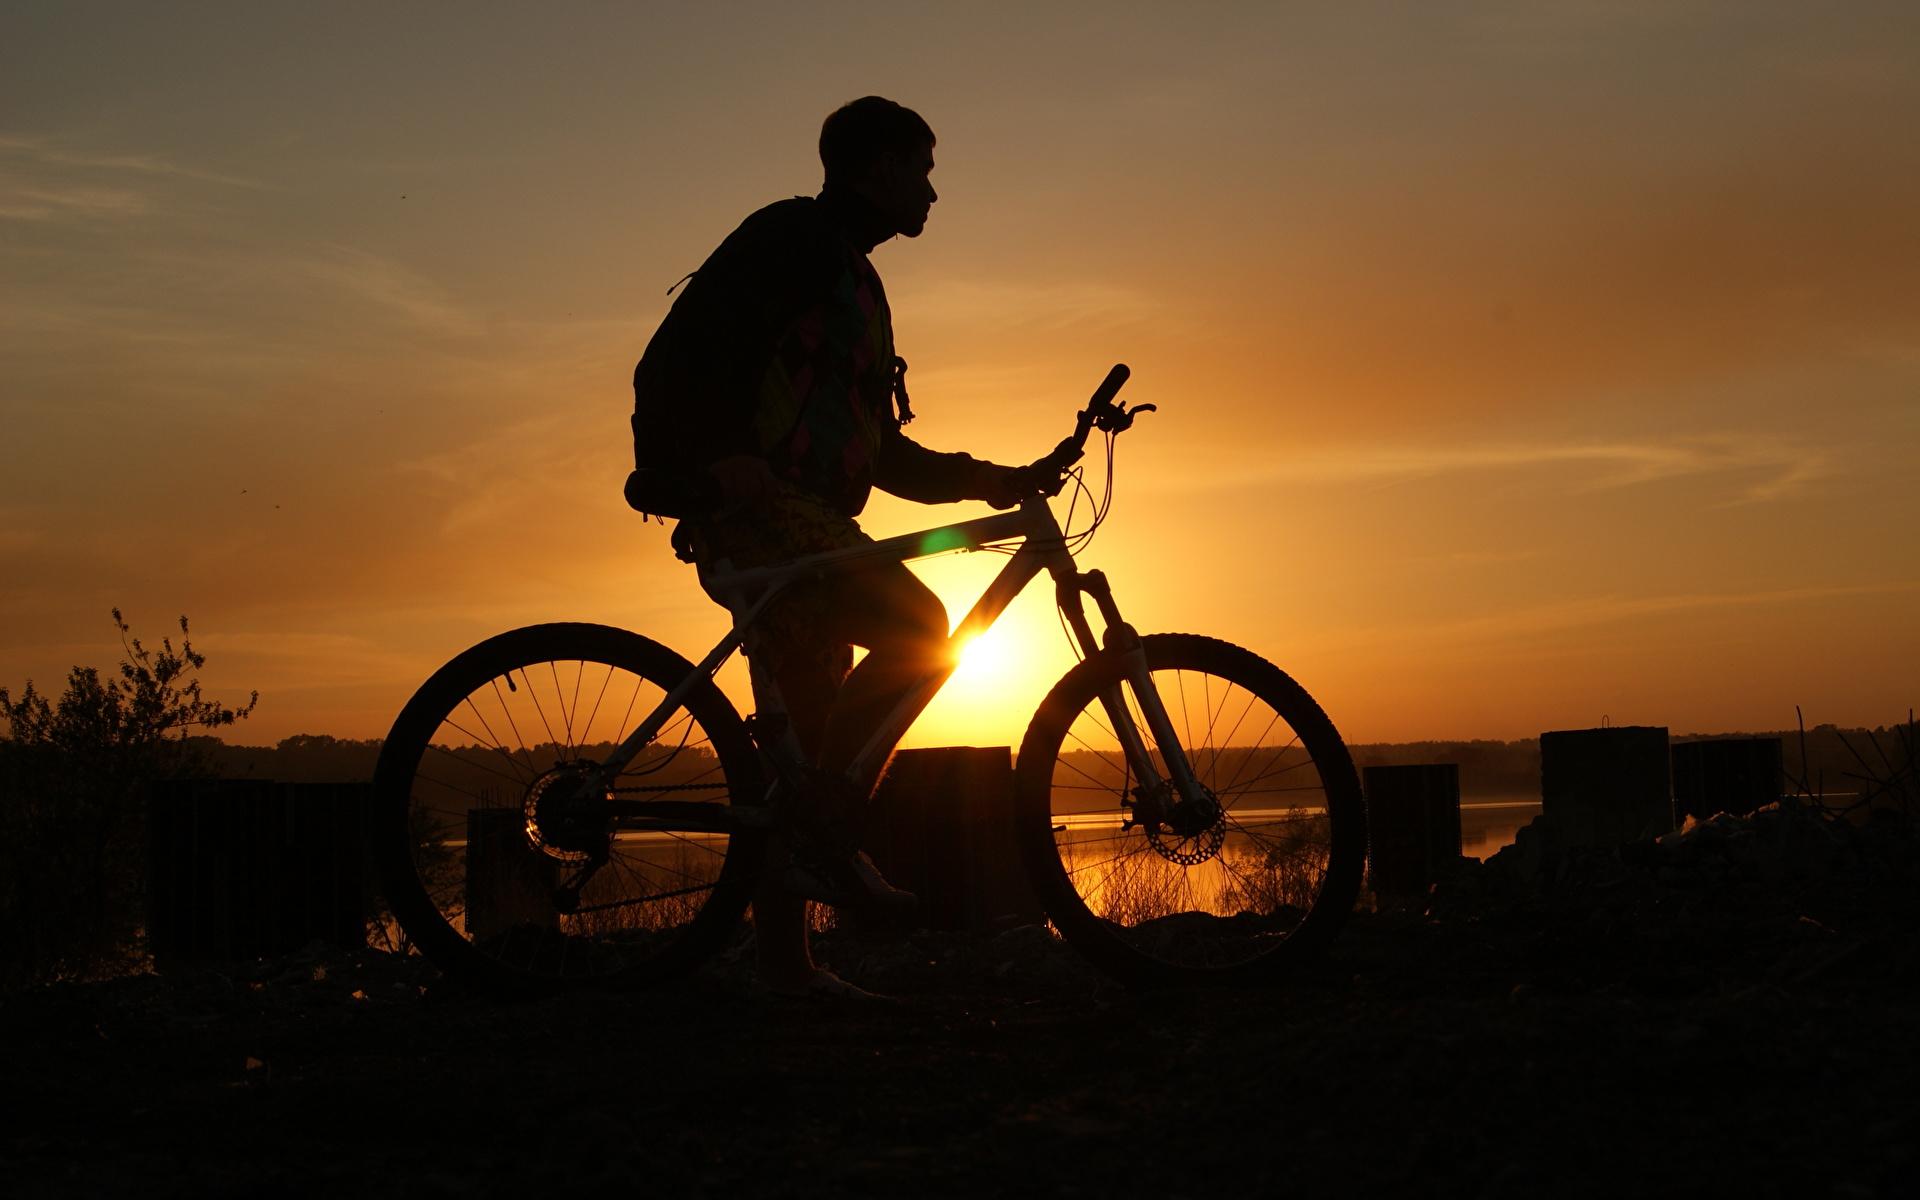 Фотография Мужчины силуэта велосипеды рассвет и закат Сбоку 1920x1200 мужчина Силуэт силуэты Велосипед велосипеде Рассветы и закаты